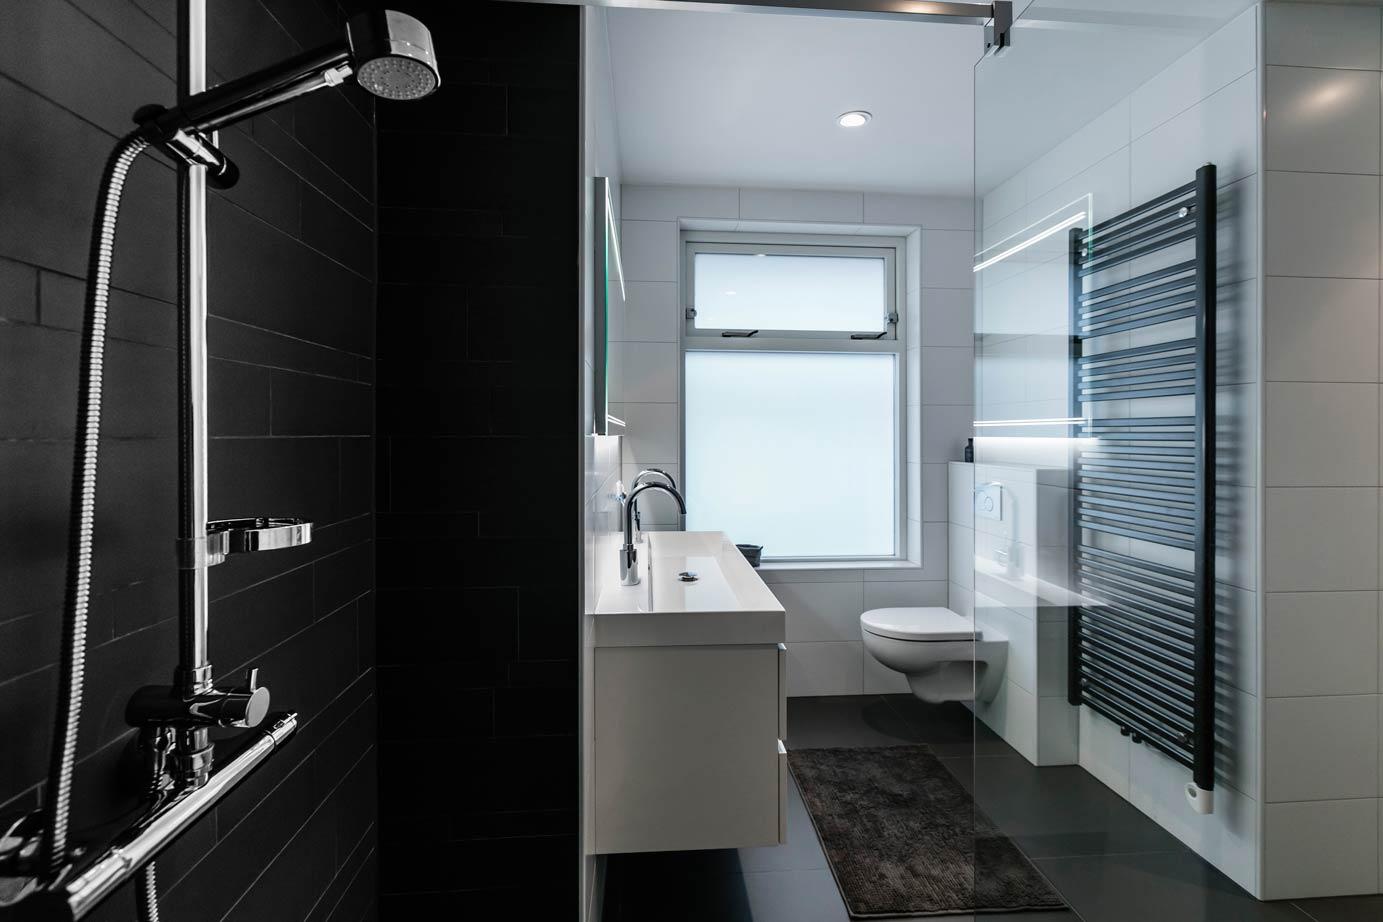 Kluswijzer badkamer afvoer nu definitief aan sydati badkamer decoratie ikea laatste design - Badkamer romeinse stijl ...